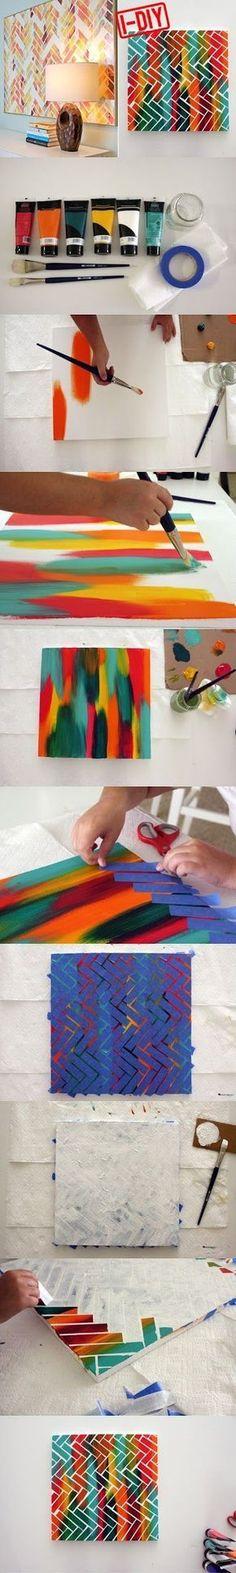 Schaffen Sie mit diesen 14 DIY-Ideen selbst die schönste Kunst... Nummer 5 möchte ich noch heute machen! - DIY Bastelideen